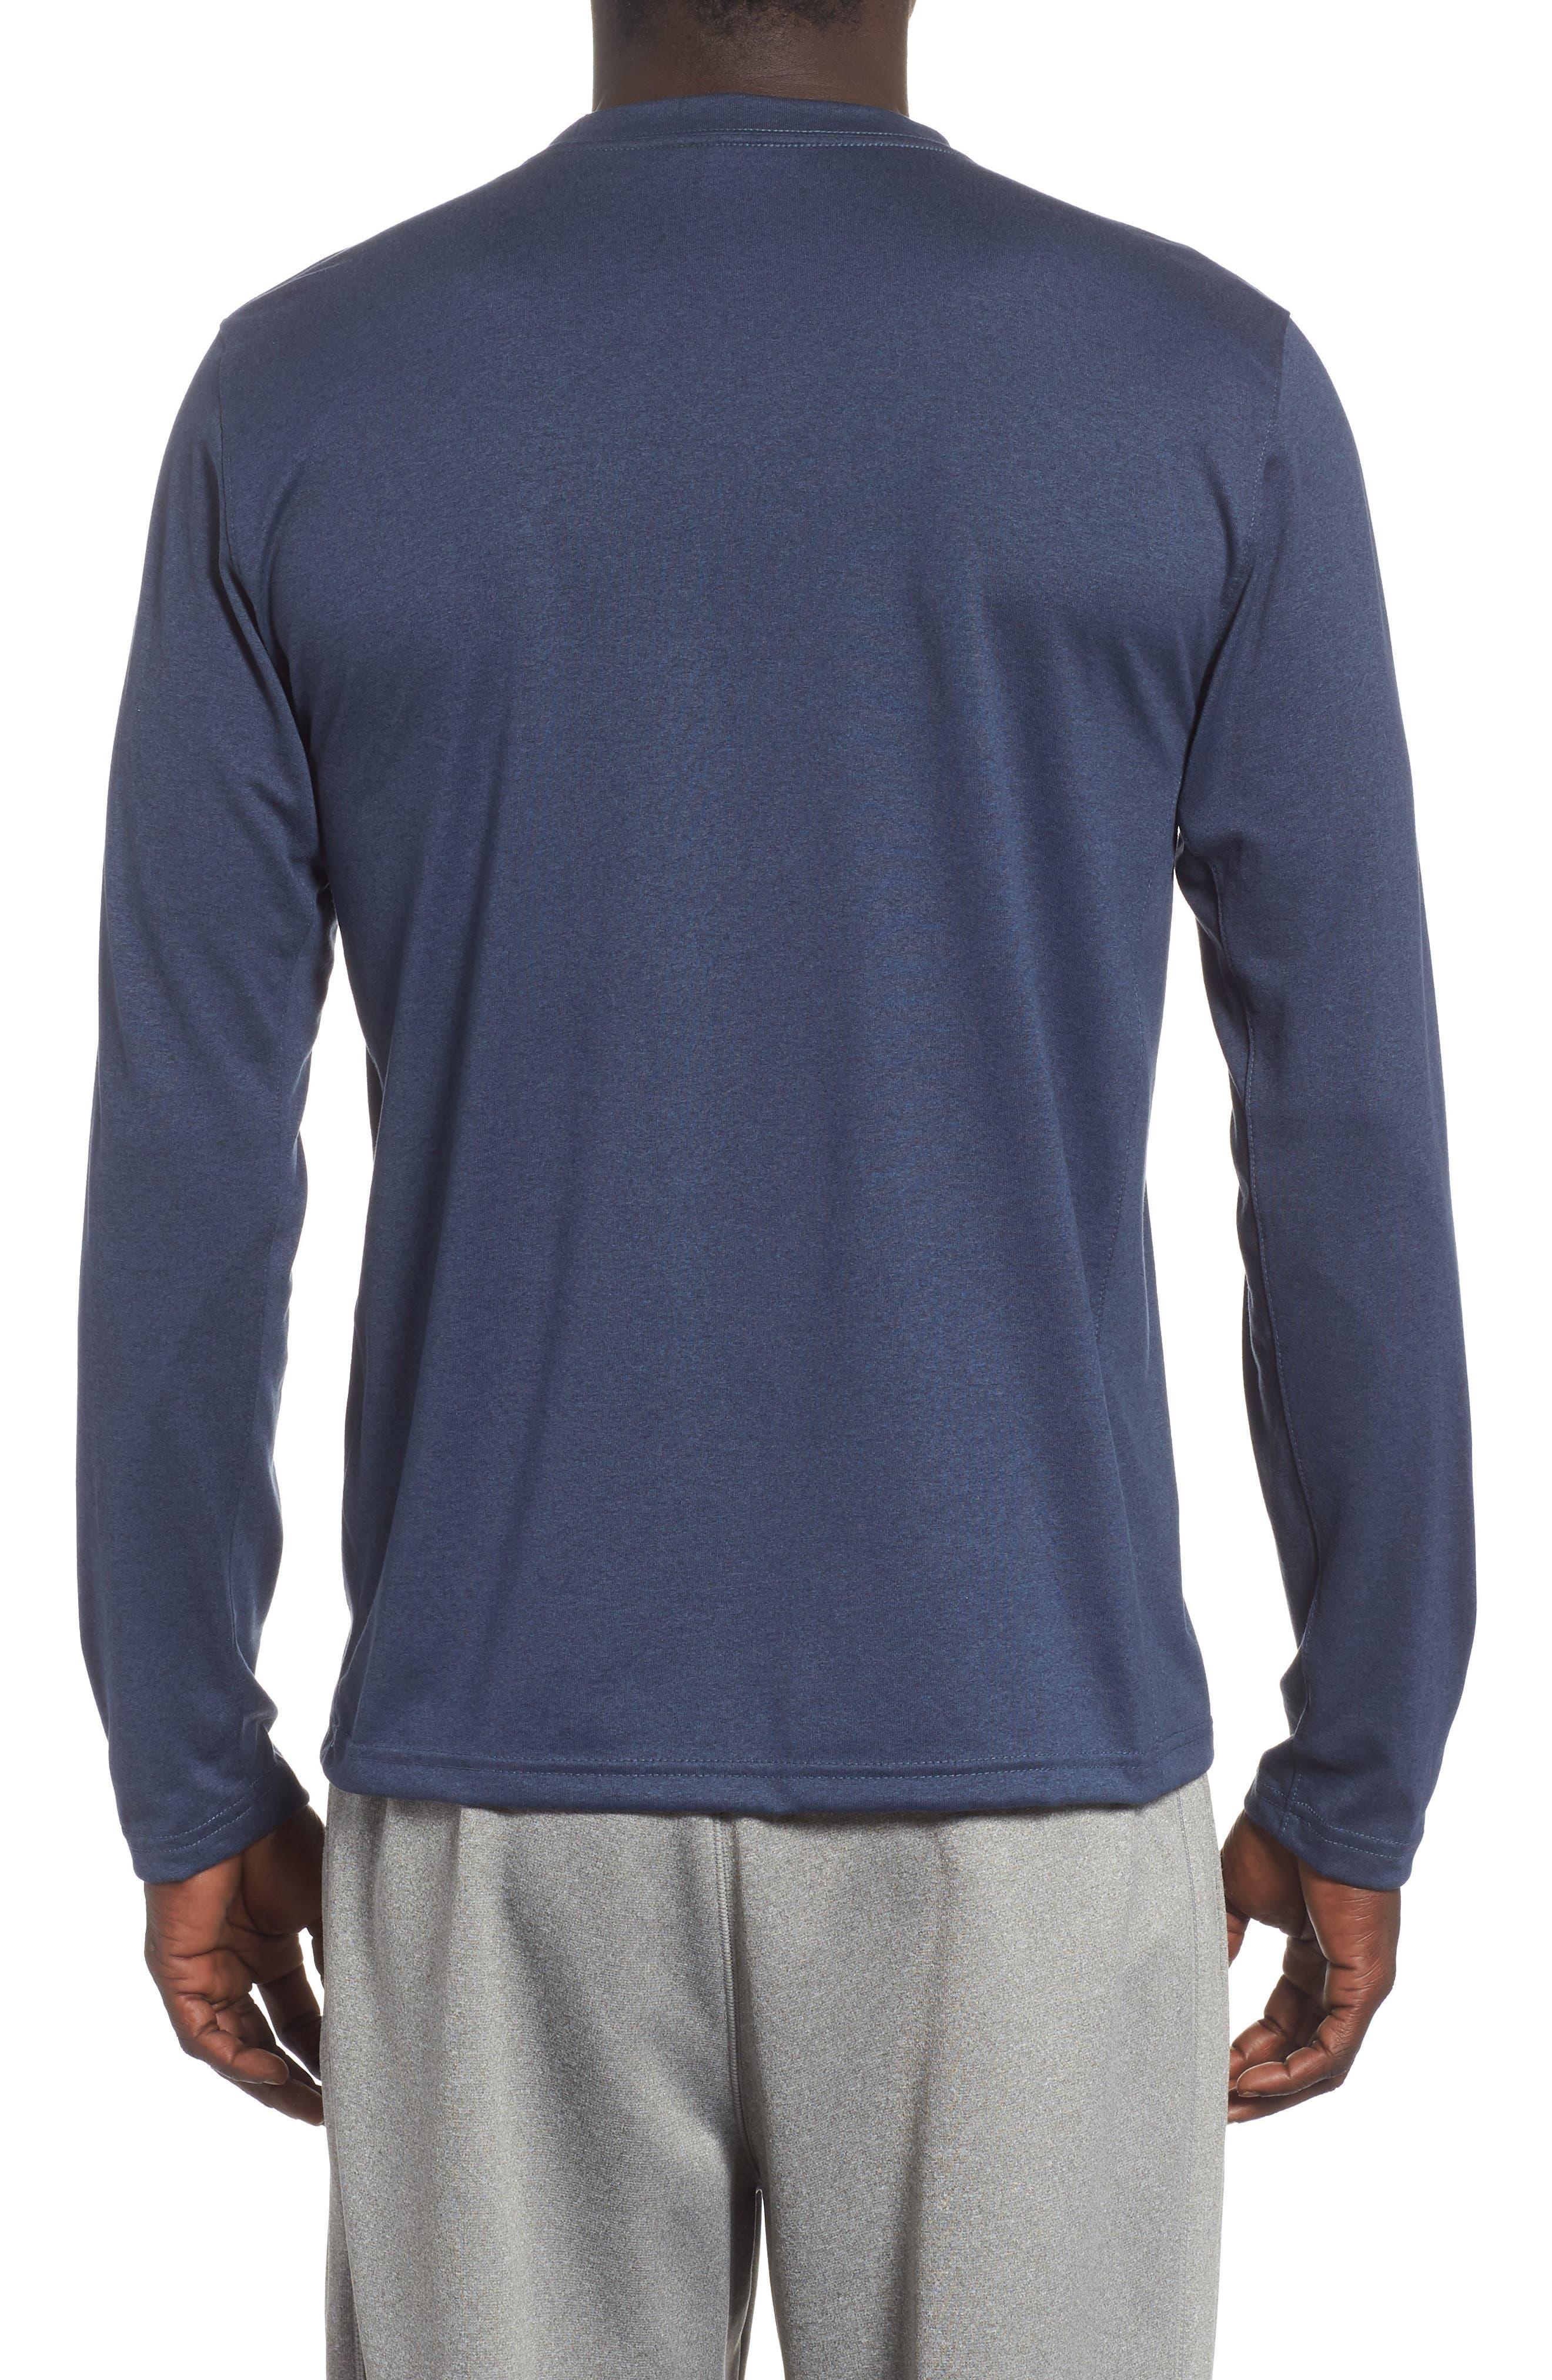 'Legend 2.0' Long Sleeve Dri-FIT Training T-Shirt,                             Alternate thumbnail 2, color,                             THUNDER BLUE/ BLACK